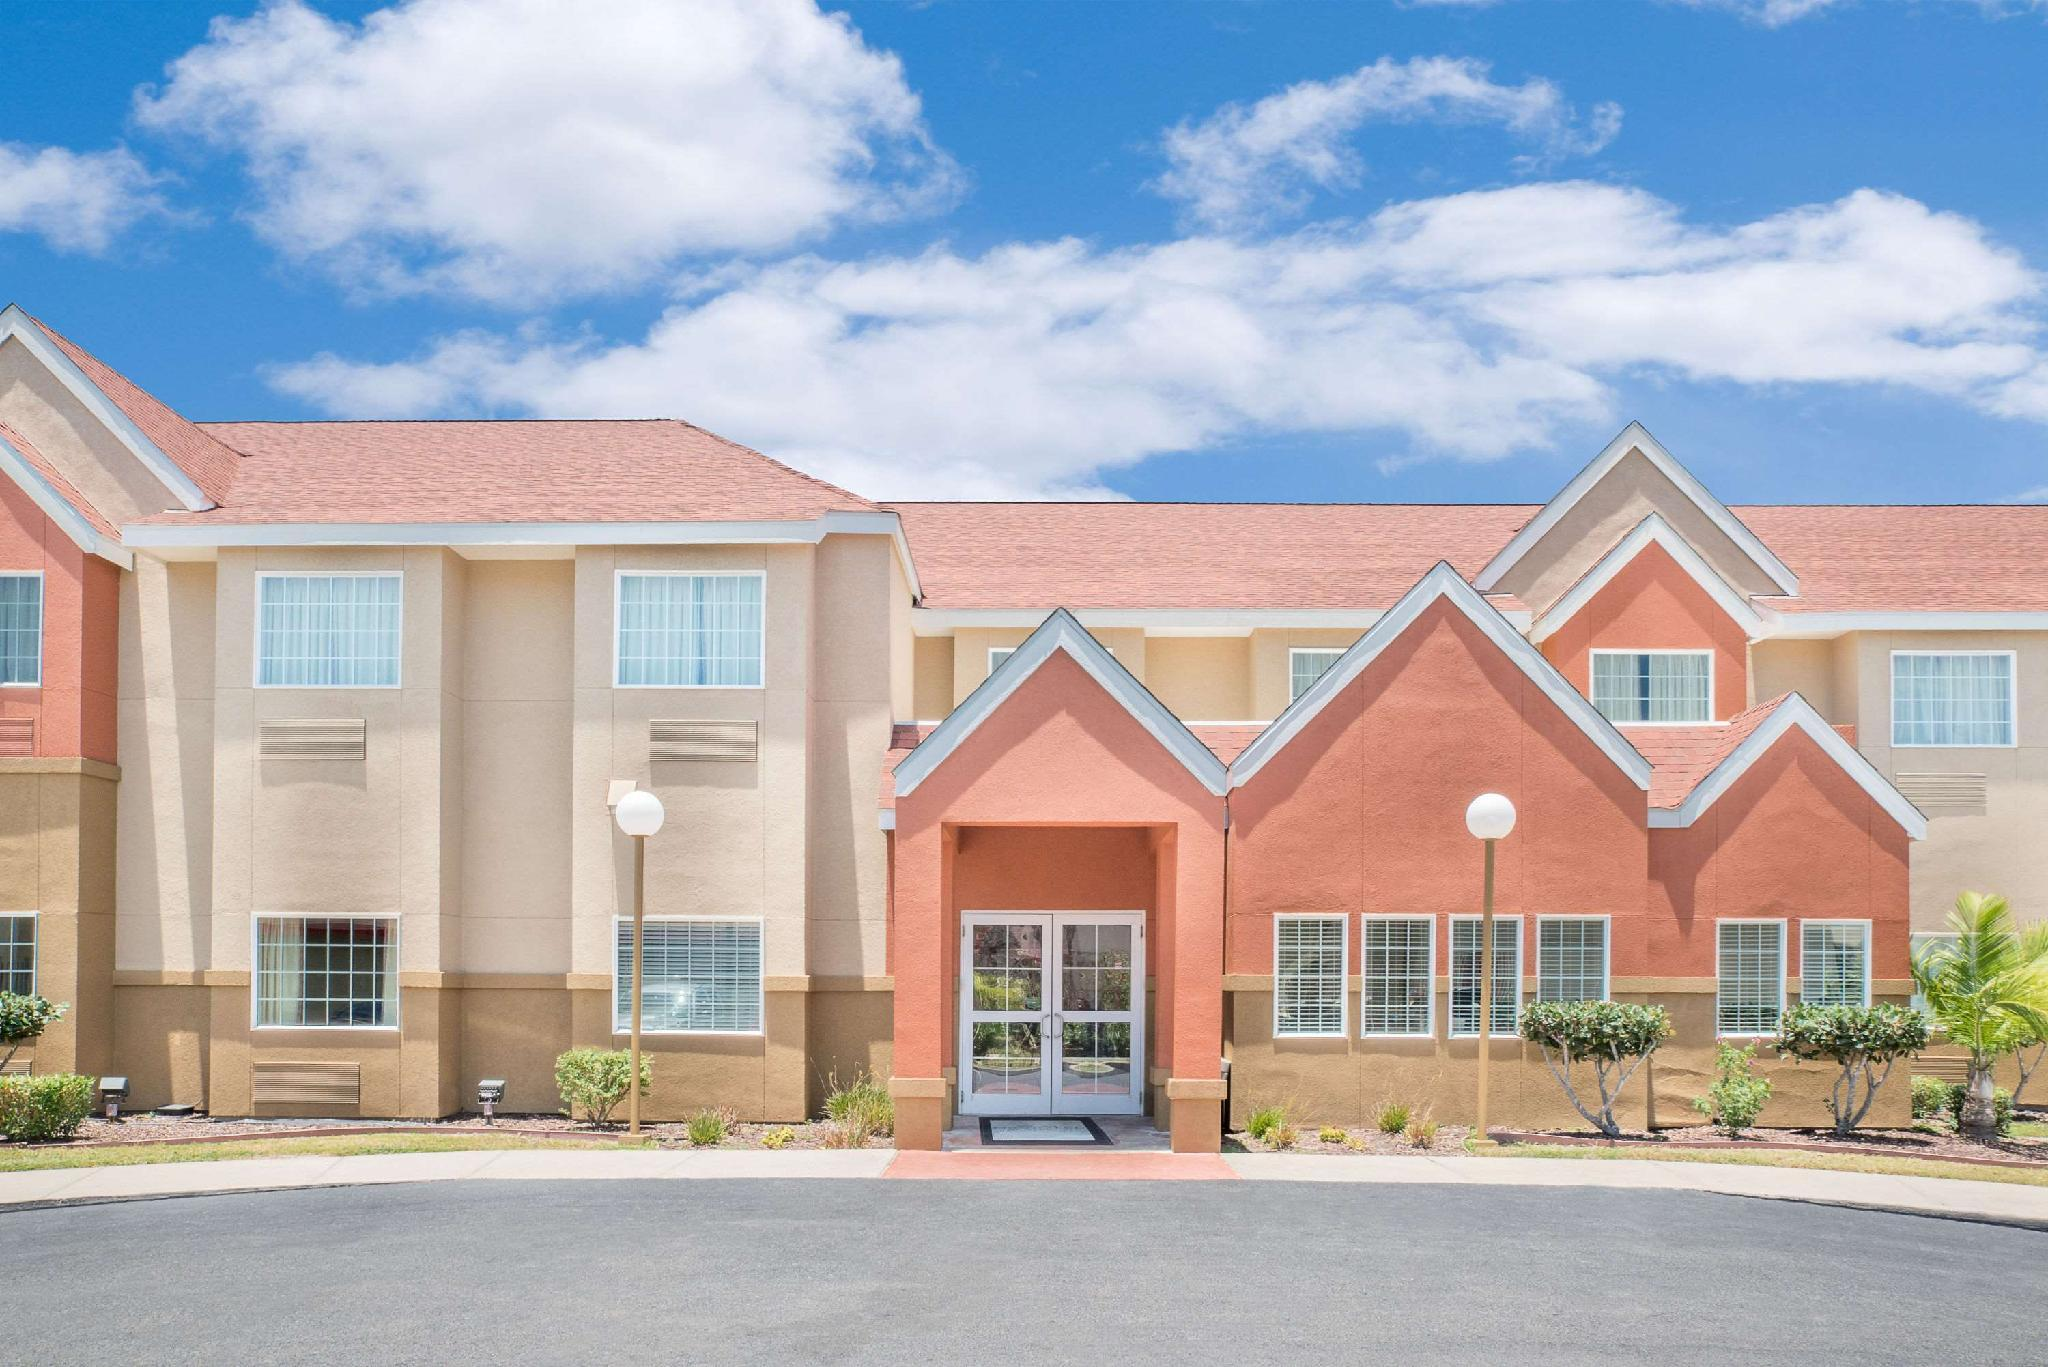 Microtel Inn & Suites By Wyndham Aransas Pass Corpus Christi